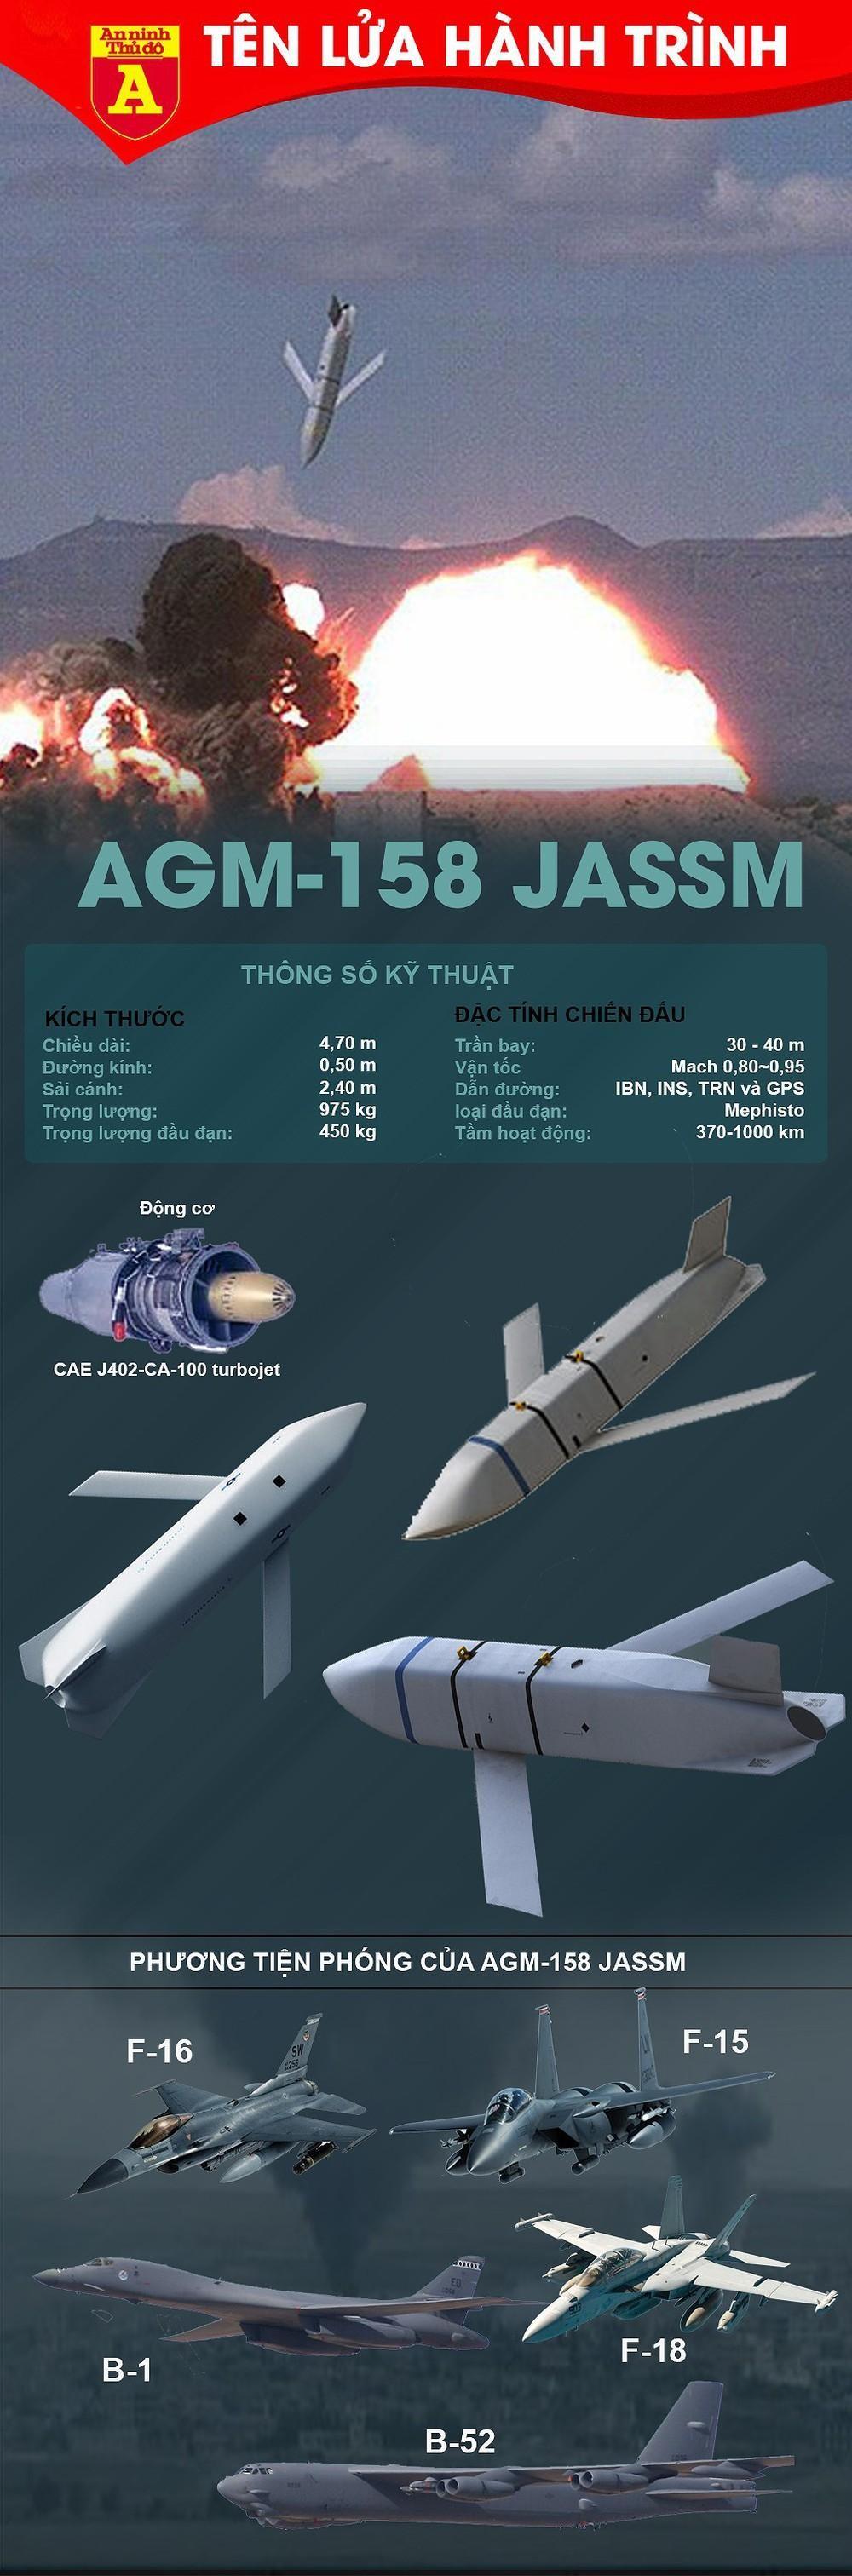 """[Info] Mỹ tập trận với tên lửa """"khắc tinh"""" của S-400 Nga ảnh 2"""